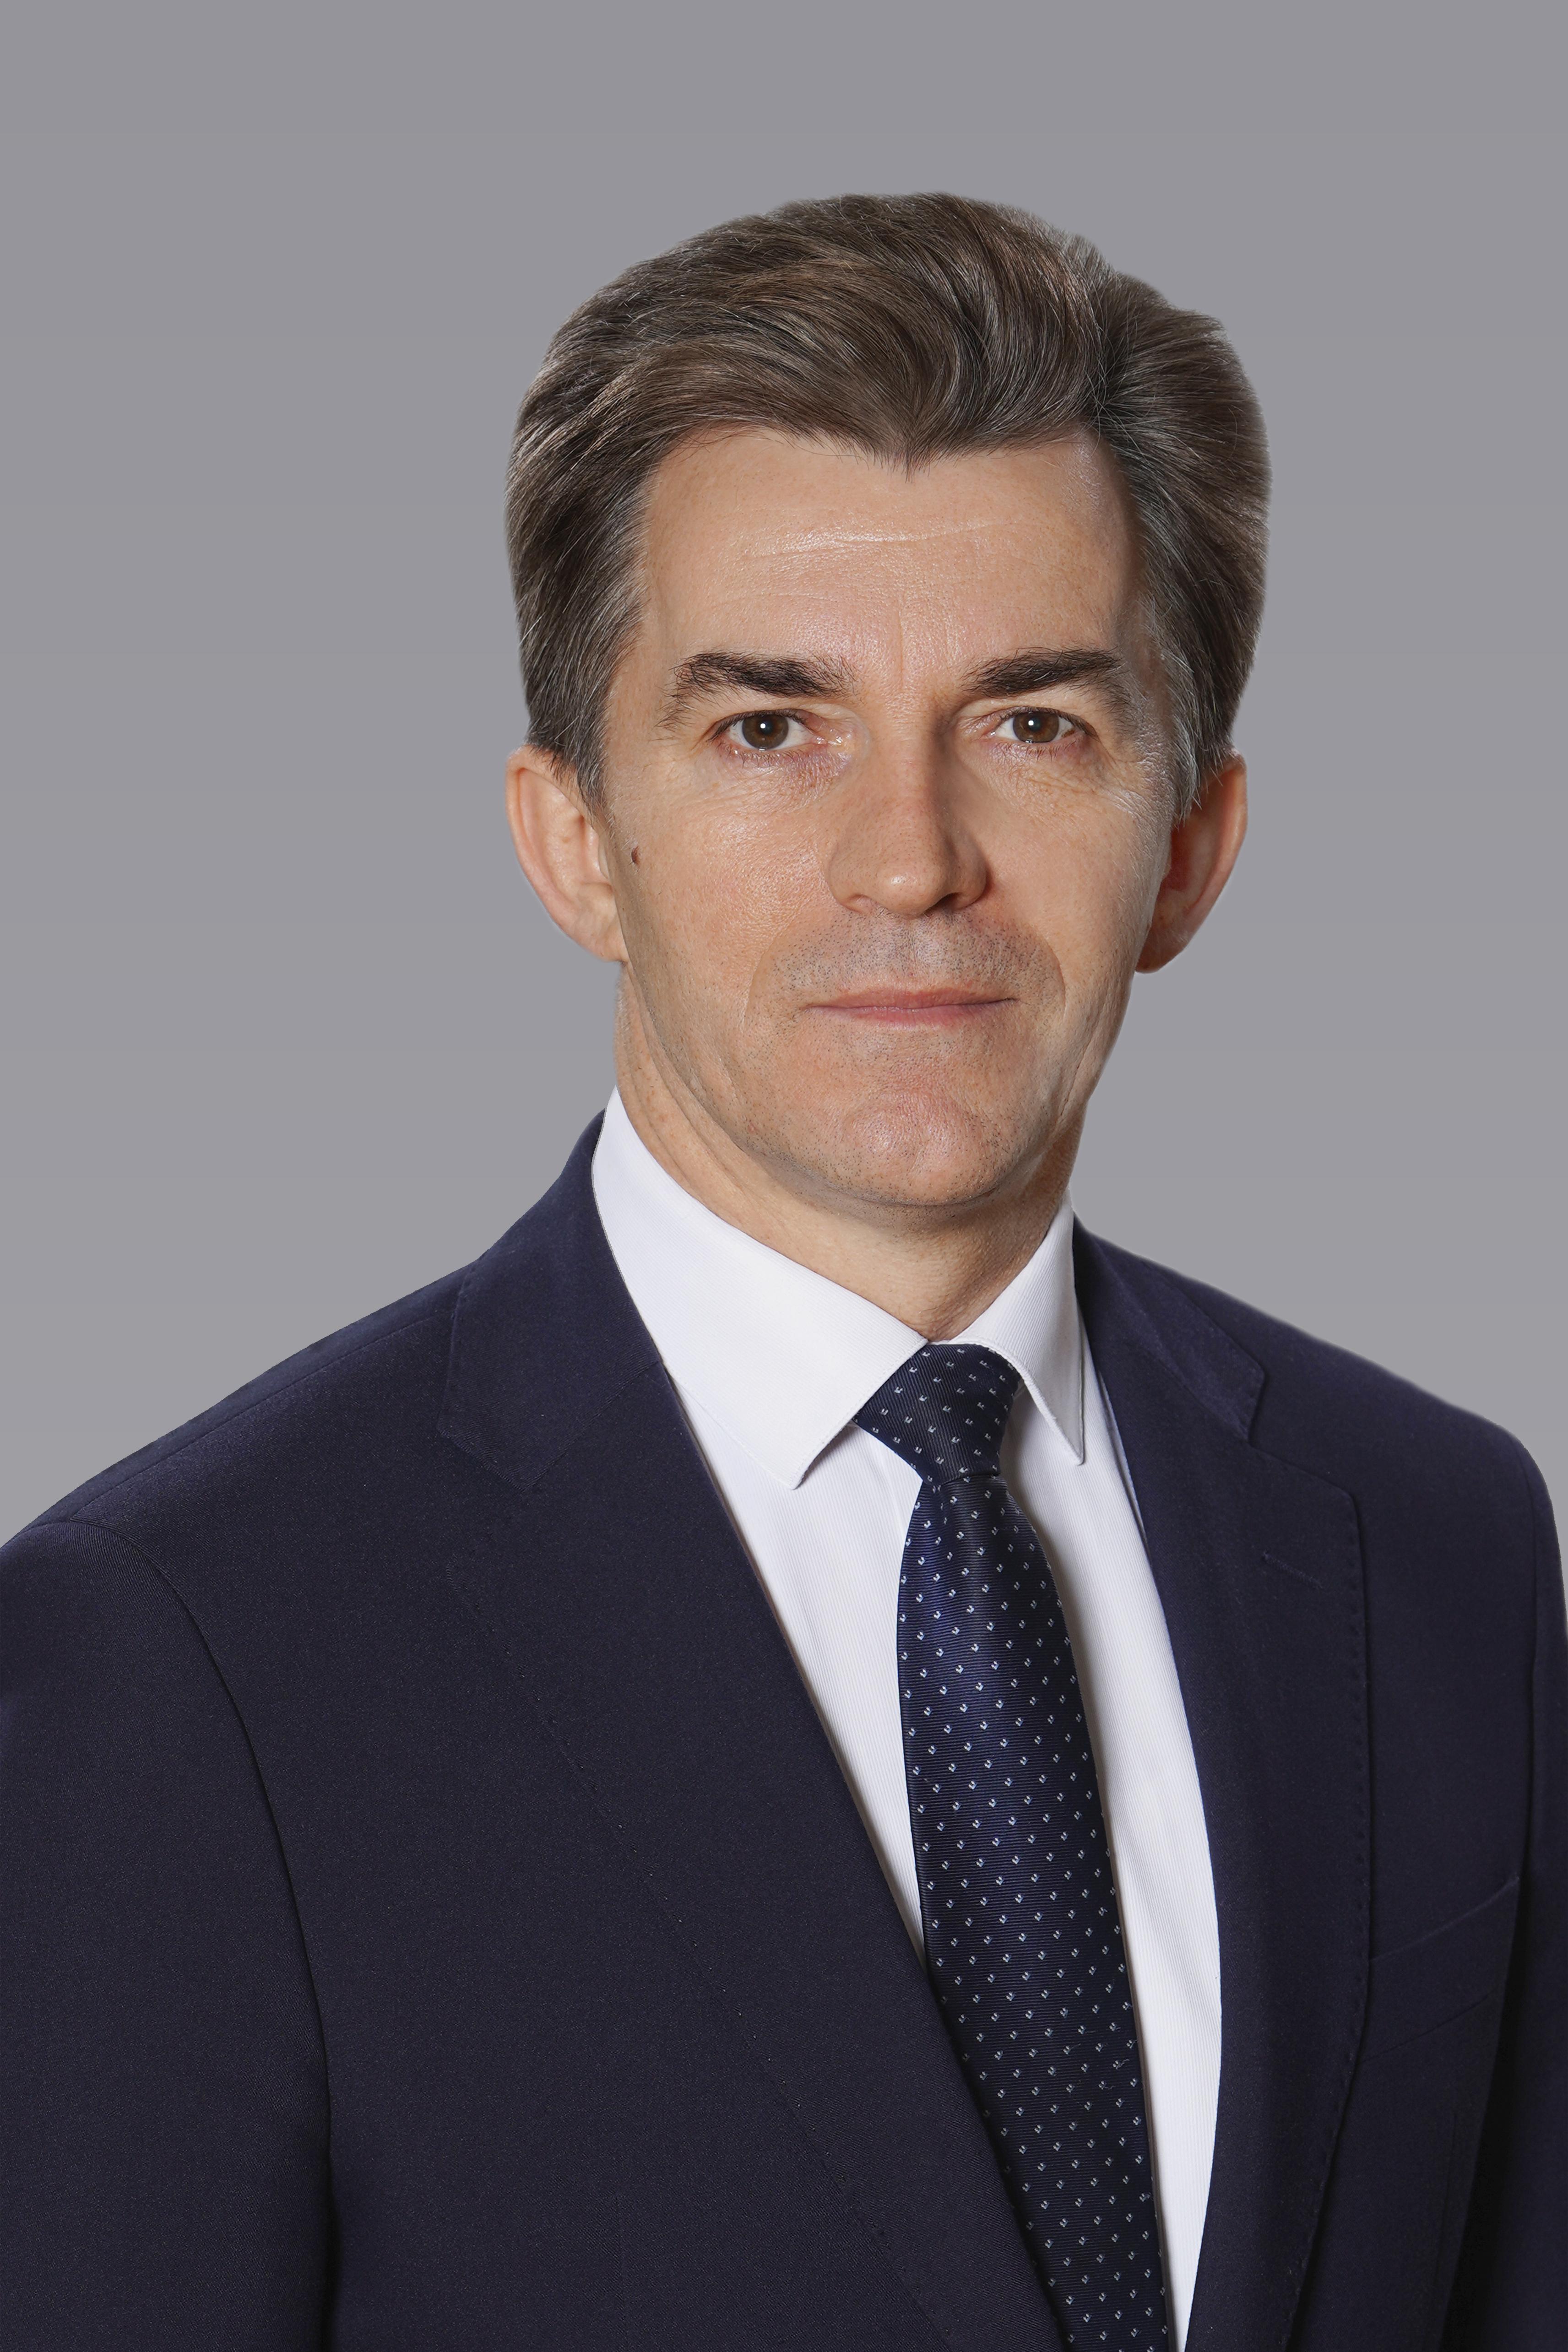 Осипчук Игорь Васильевич